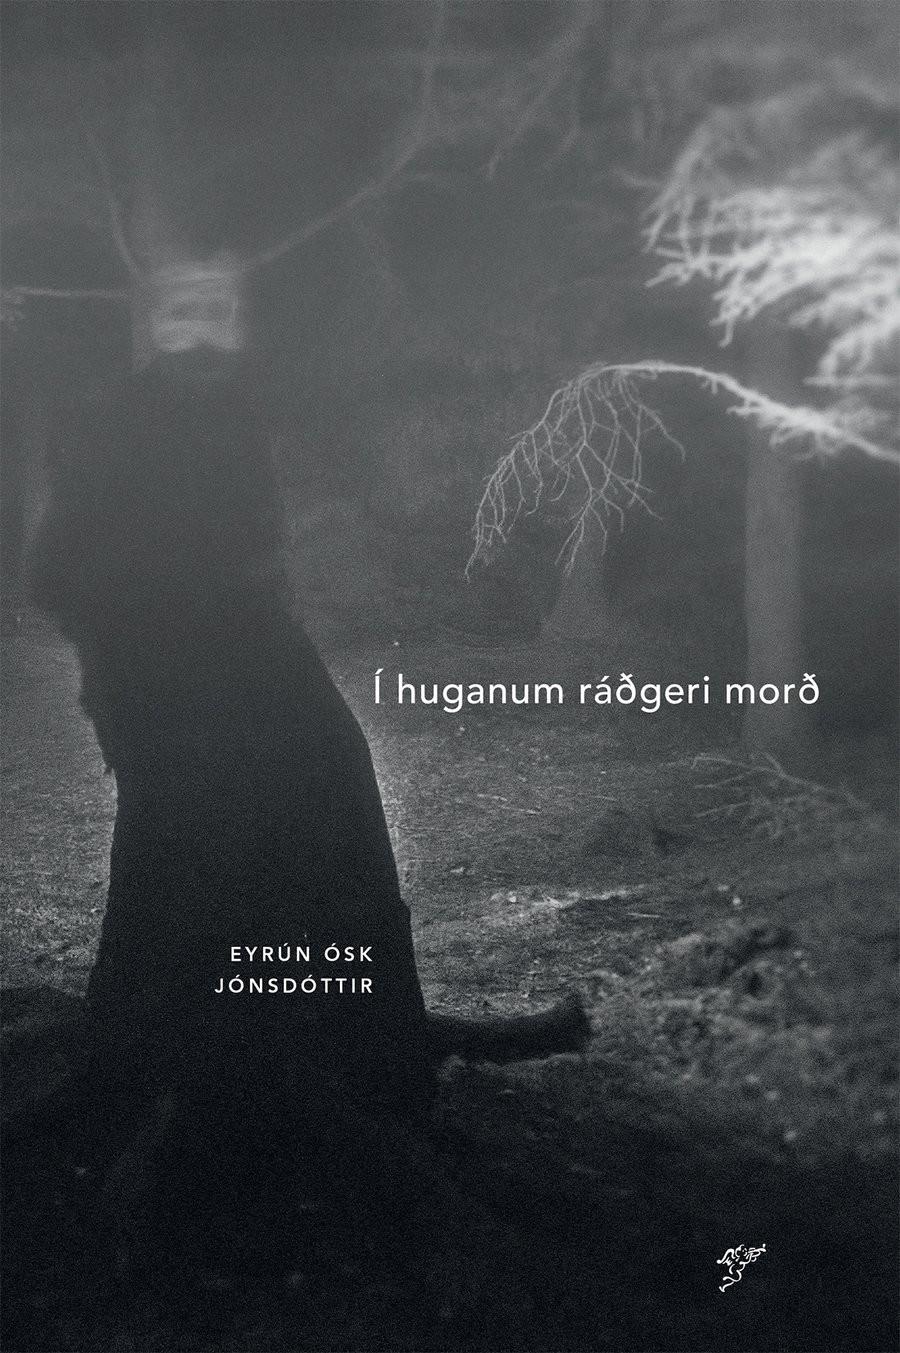 Í huganum ráðgeri morð eftir Eyrúnu Ósk Jónsdóttur